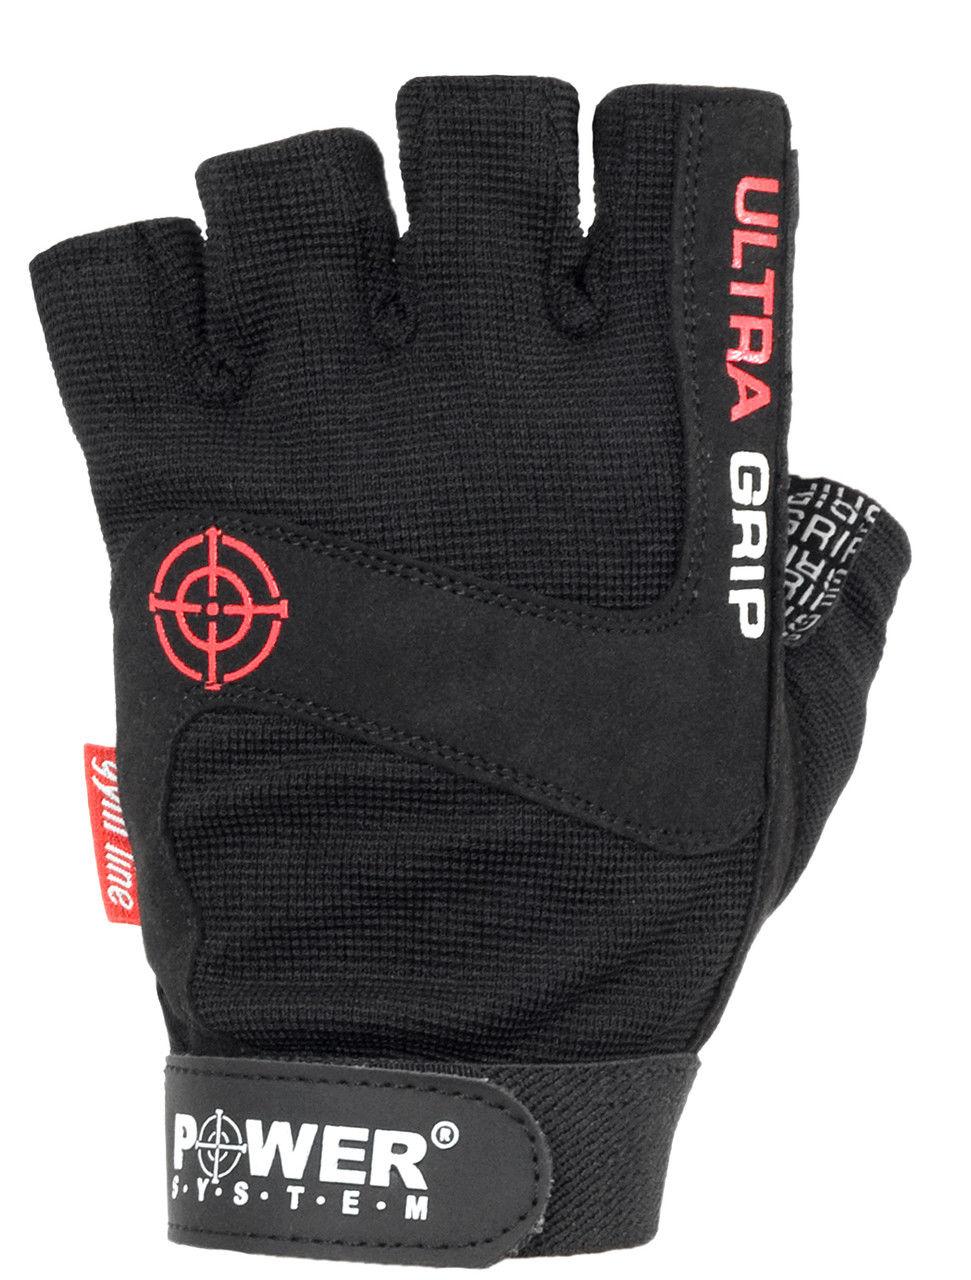 Перчатки Power System Ultra Grip PS-2400 XS, Черный фото видео изображение